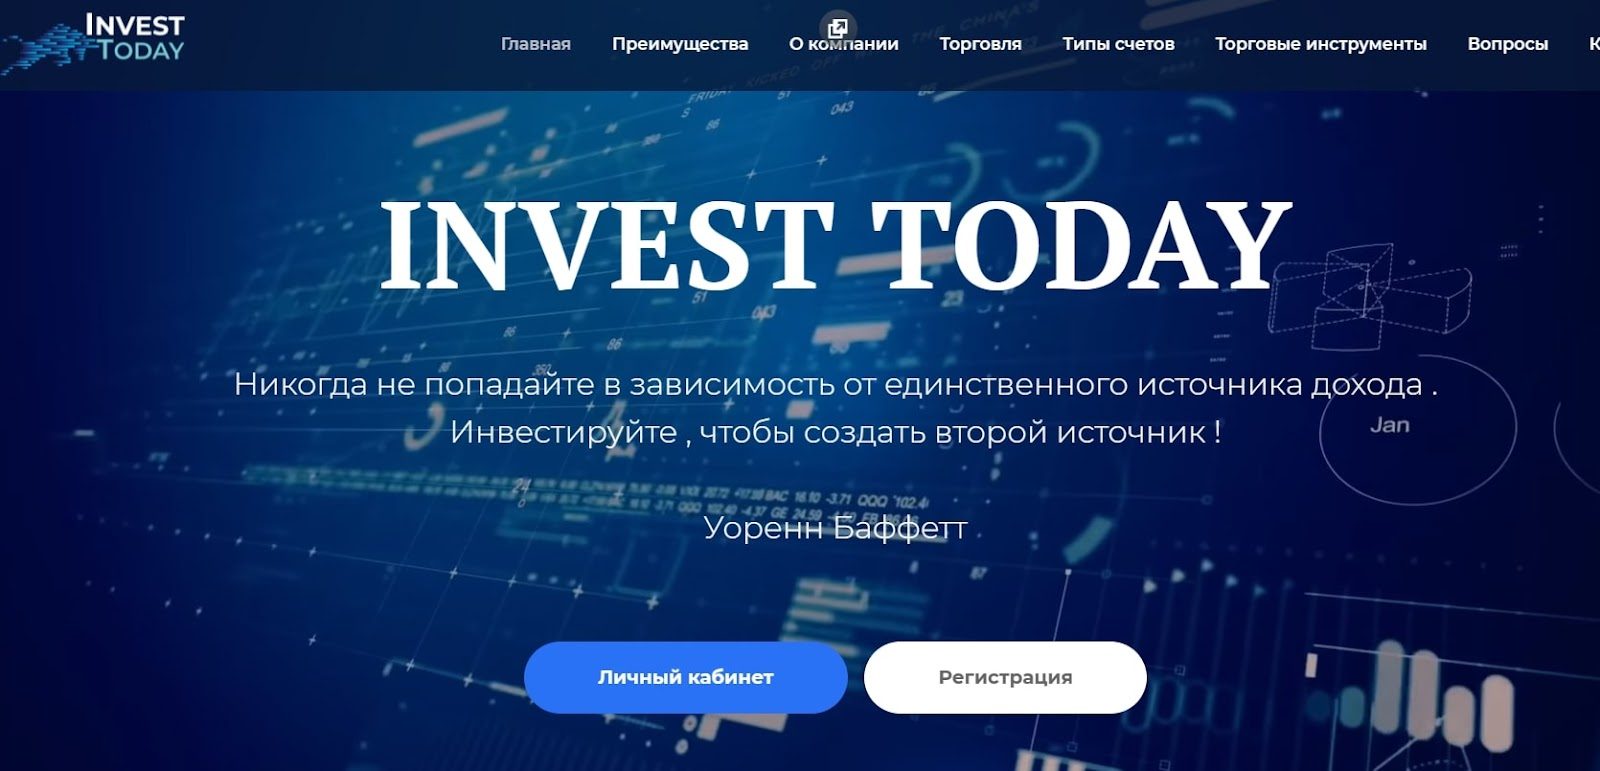 Отзывы об Invest Today: можно ли вкладывать деньги в проект? реальные отзывы